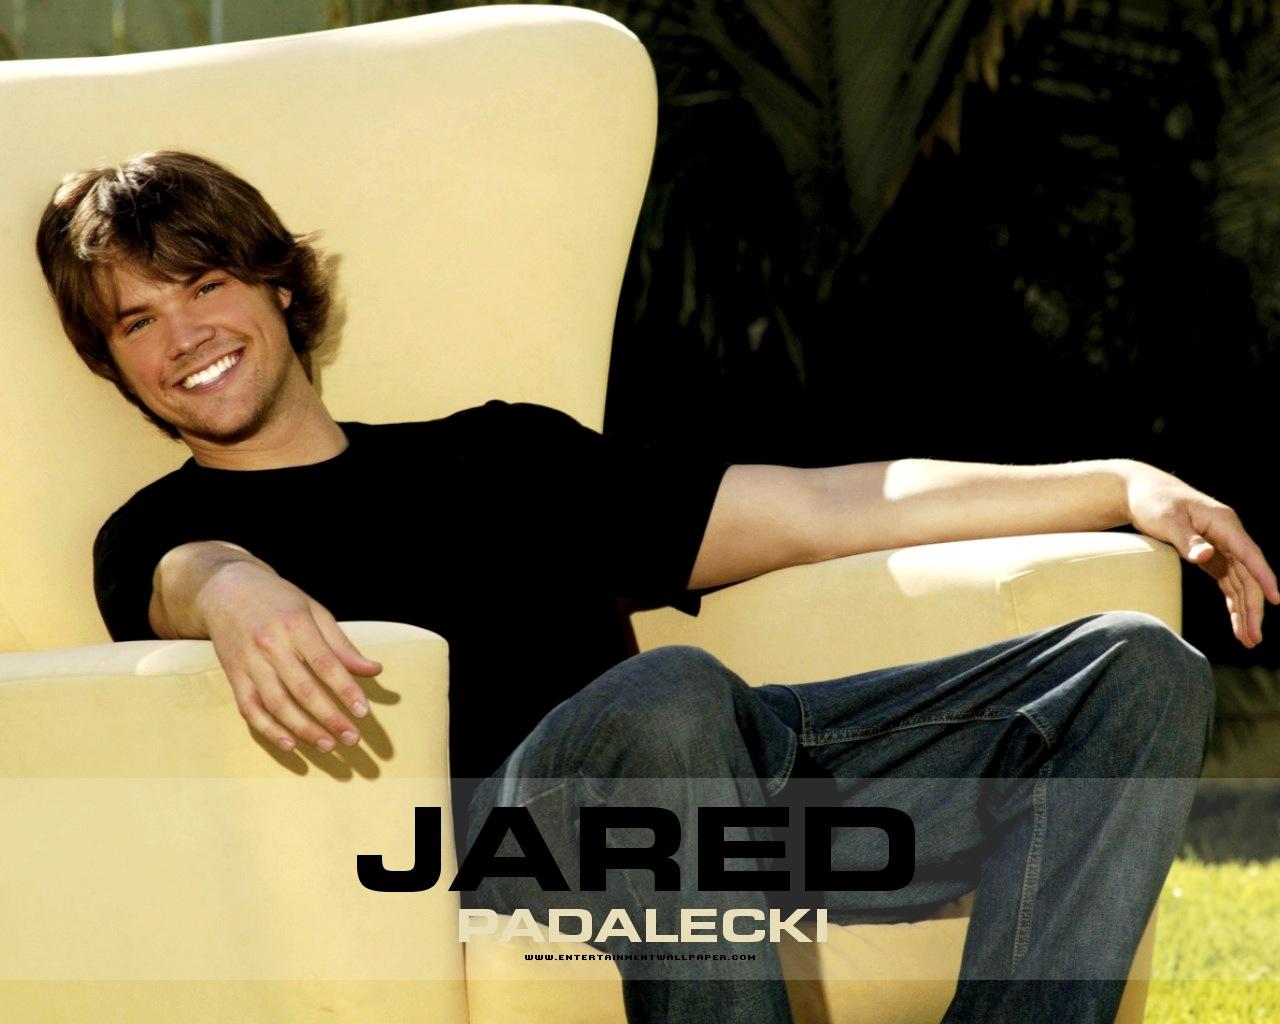 Jared padalecki jared jared padaleck